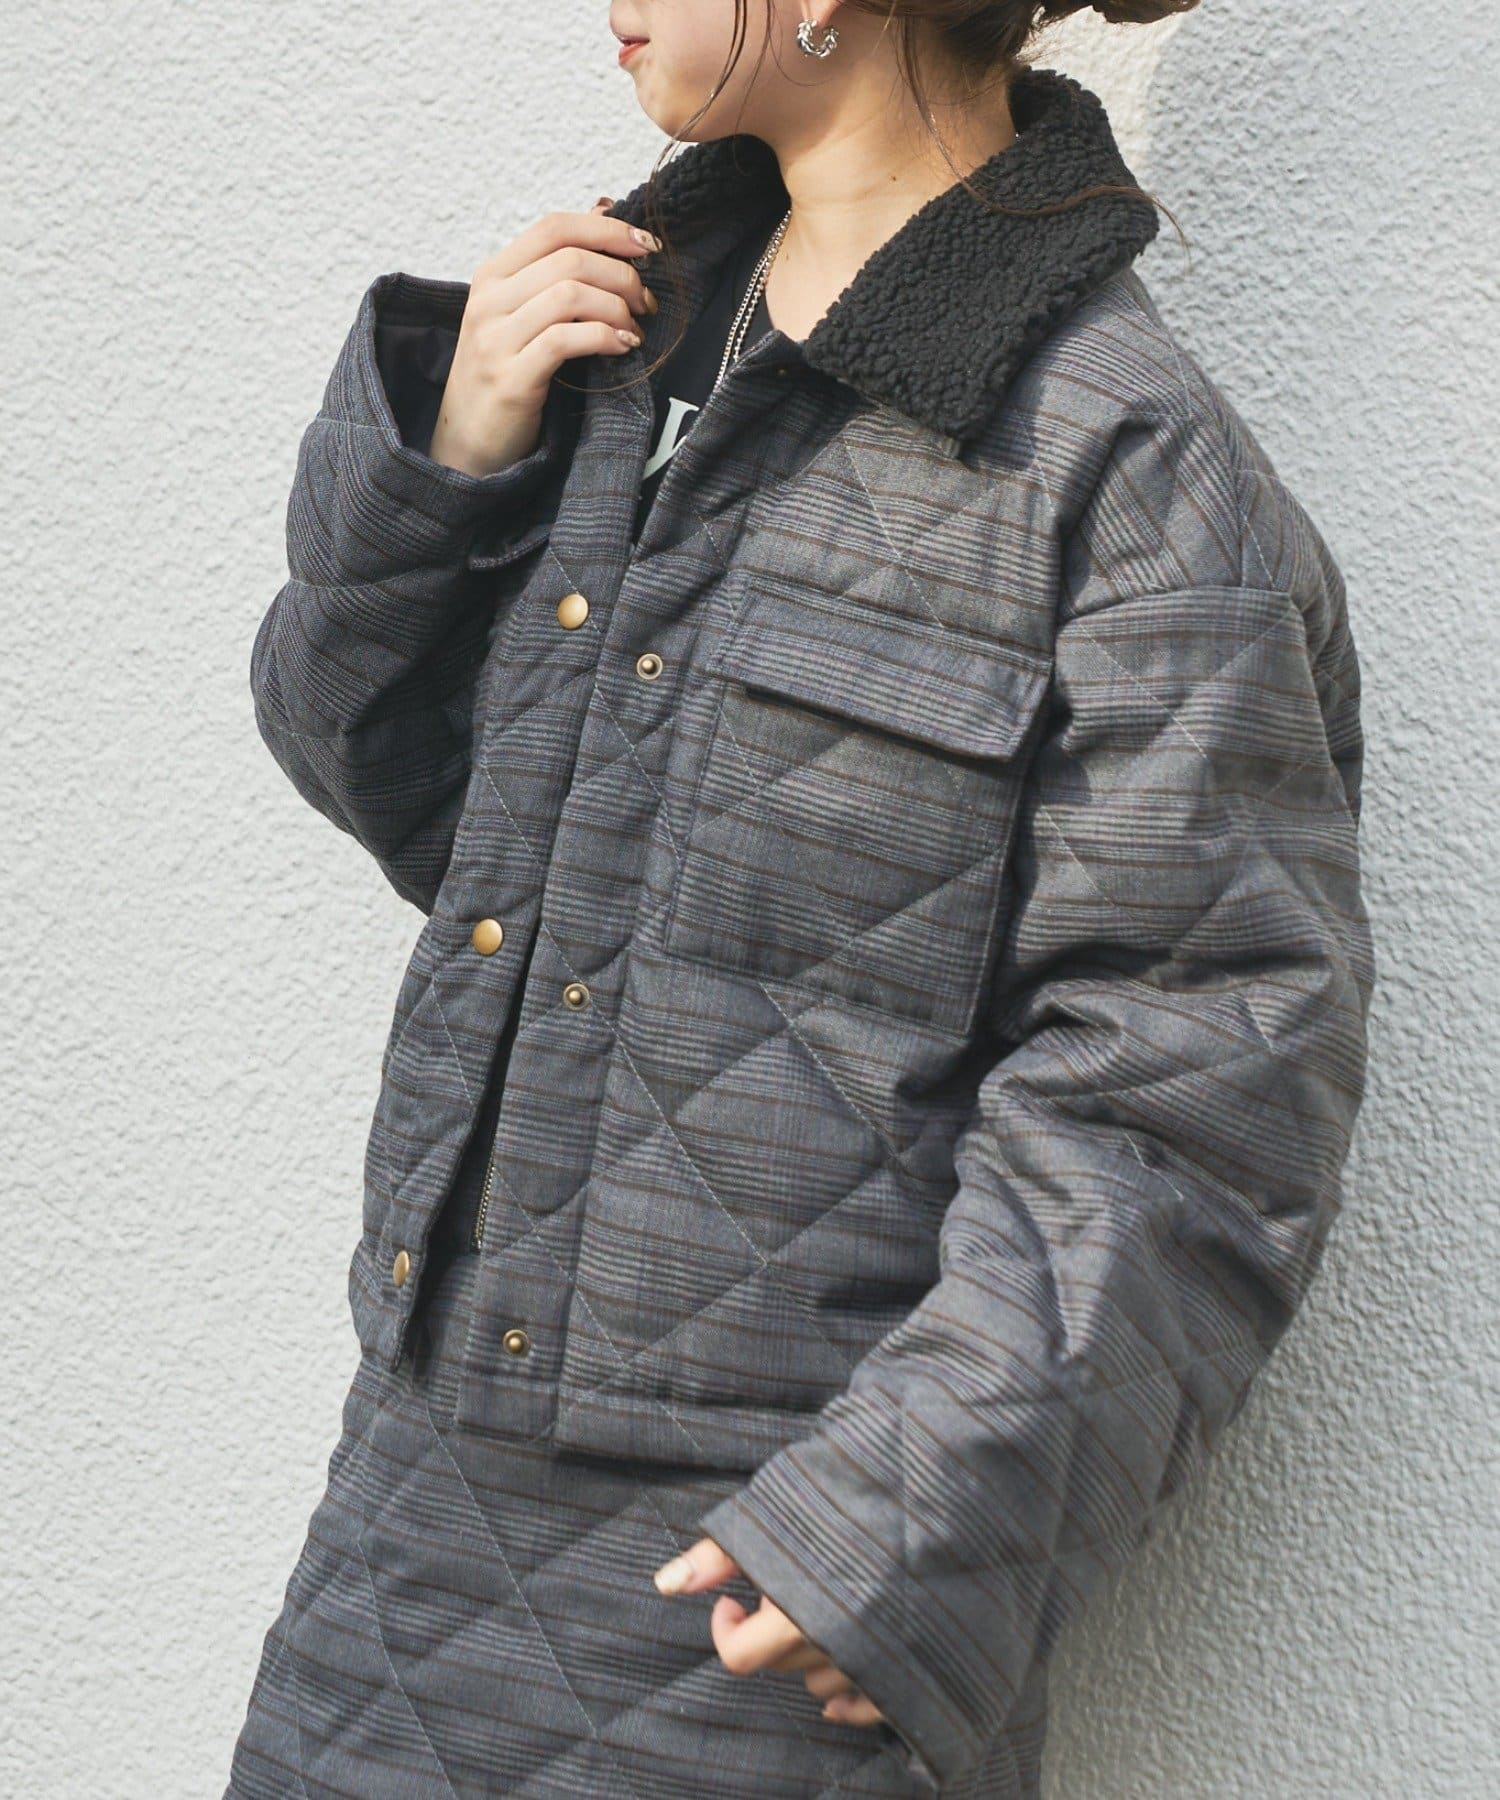 who's who Chico(フーズフーチコ) 【SET UP対応】取り外しボア襟キルティングジャケット